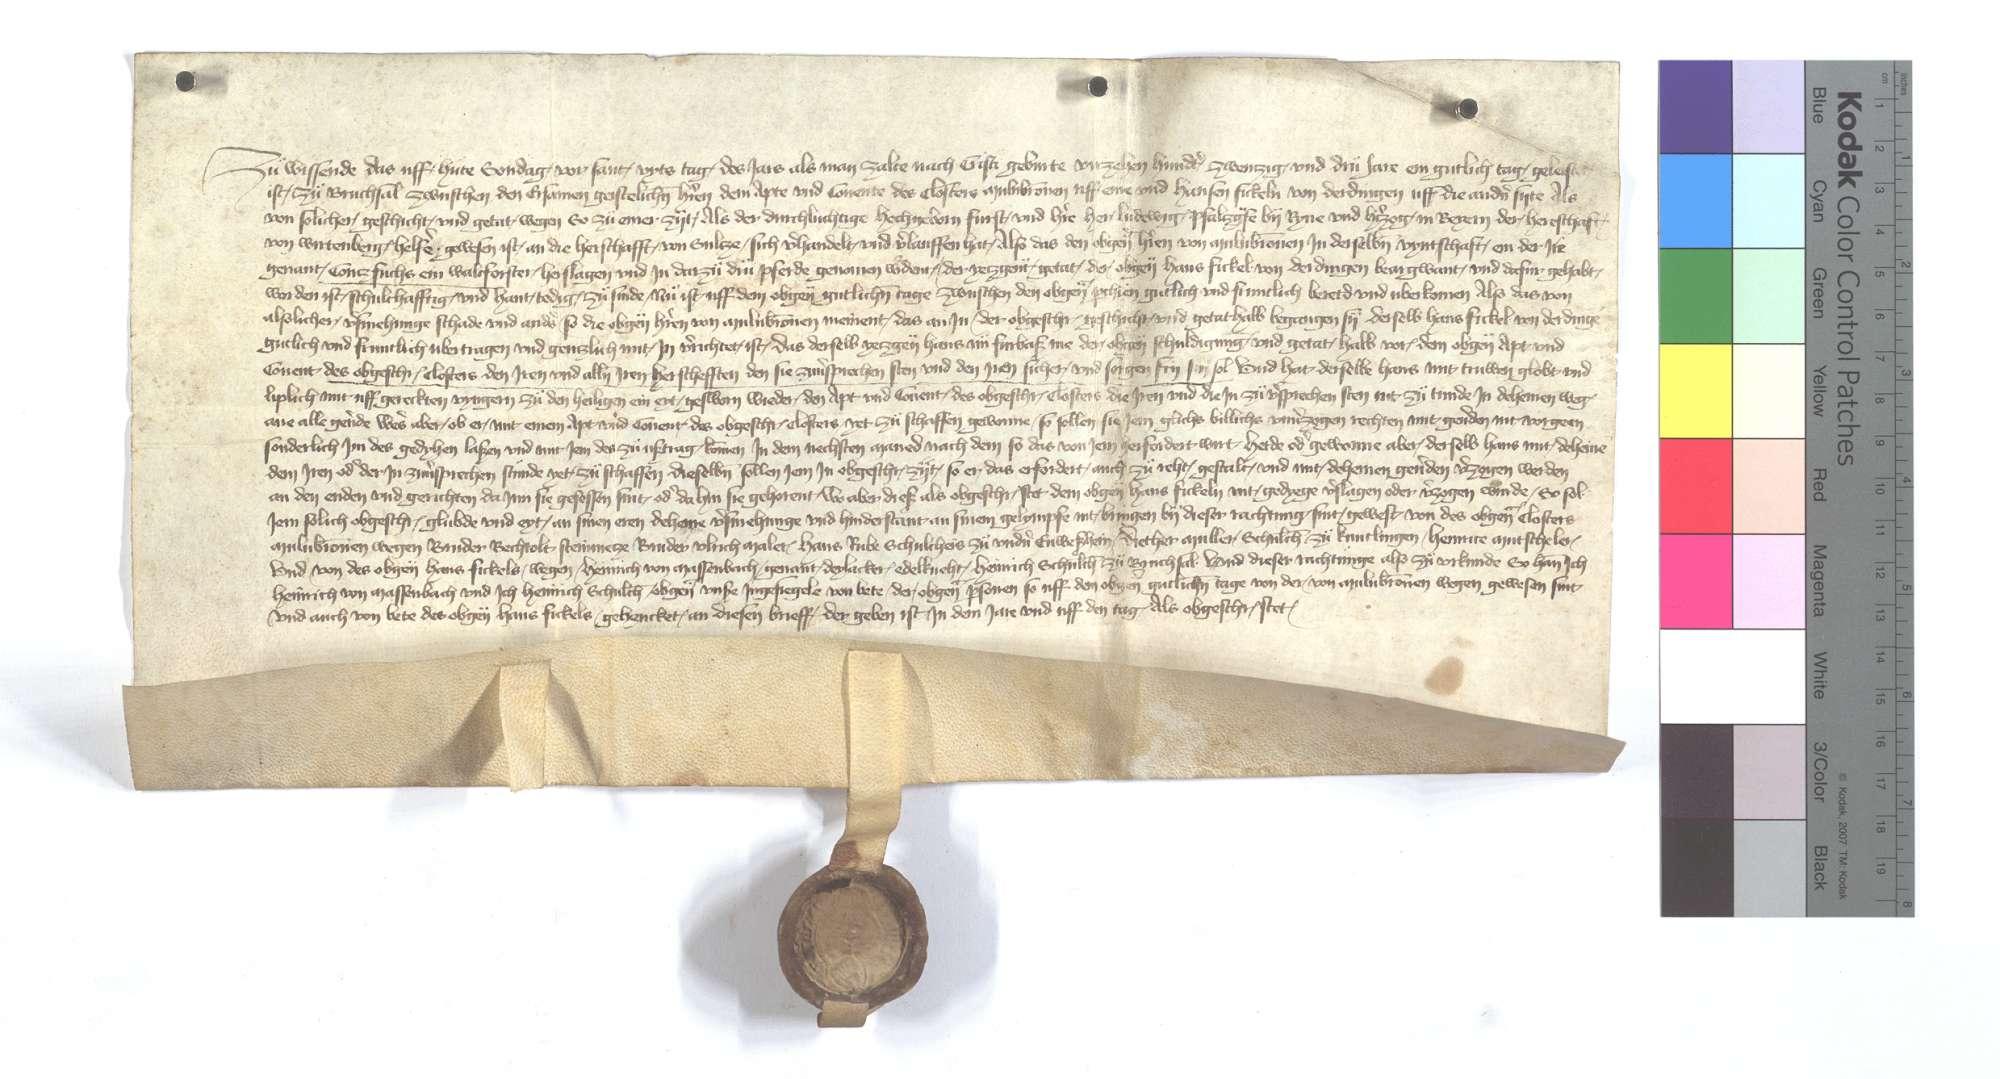 Abt und Konvent des Klosters Maulbronn einerseits und Hans Fickel von Derdingen andererseits einigen sich im Fall eines Raubmords, den Hans Fickel an Contz Fuchs, dem Waldförster des Klosters, begangen haben soll., Text